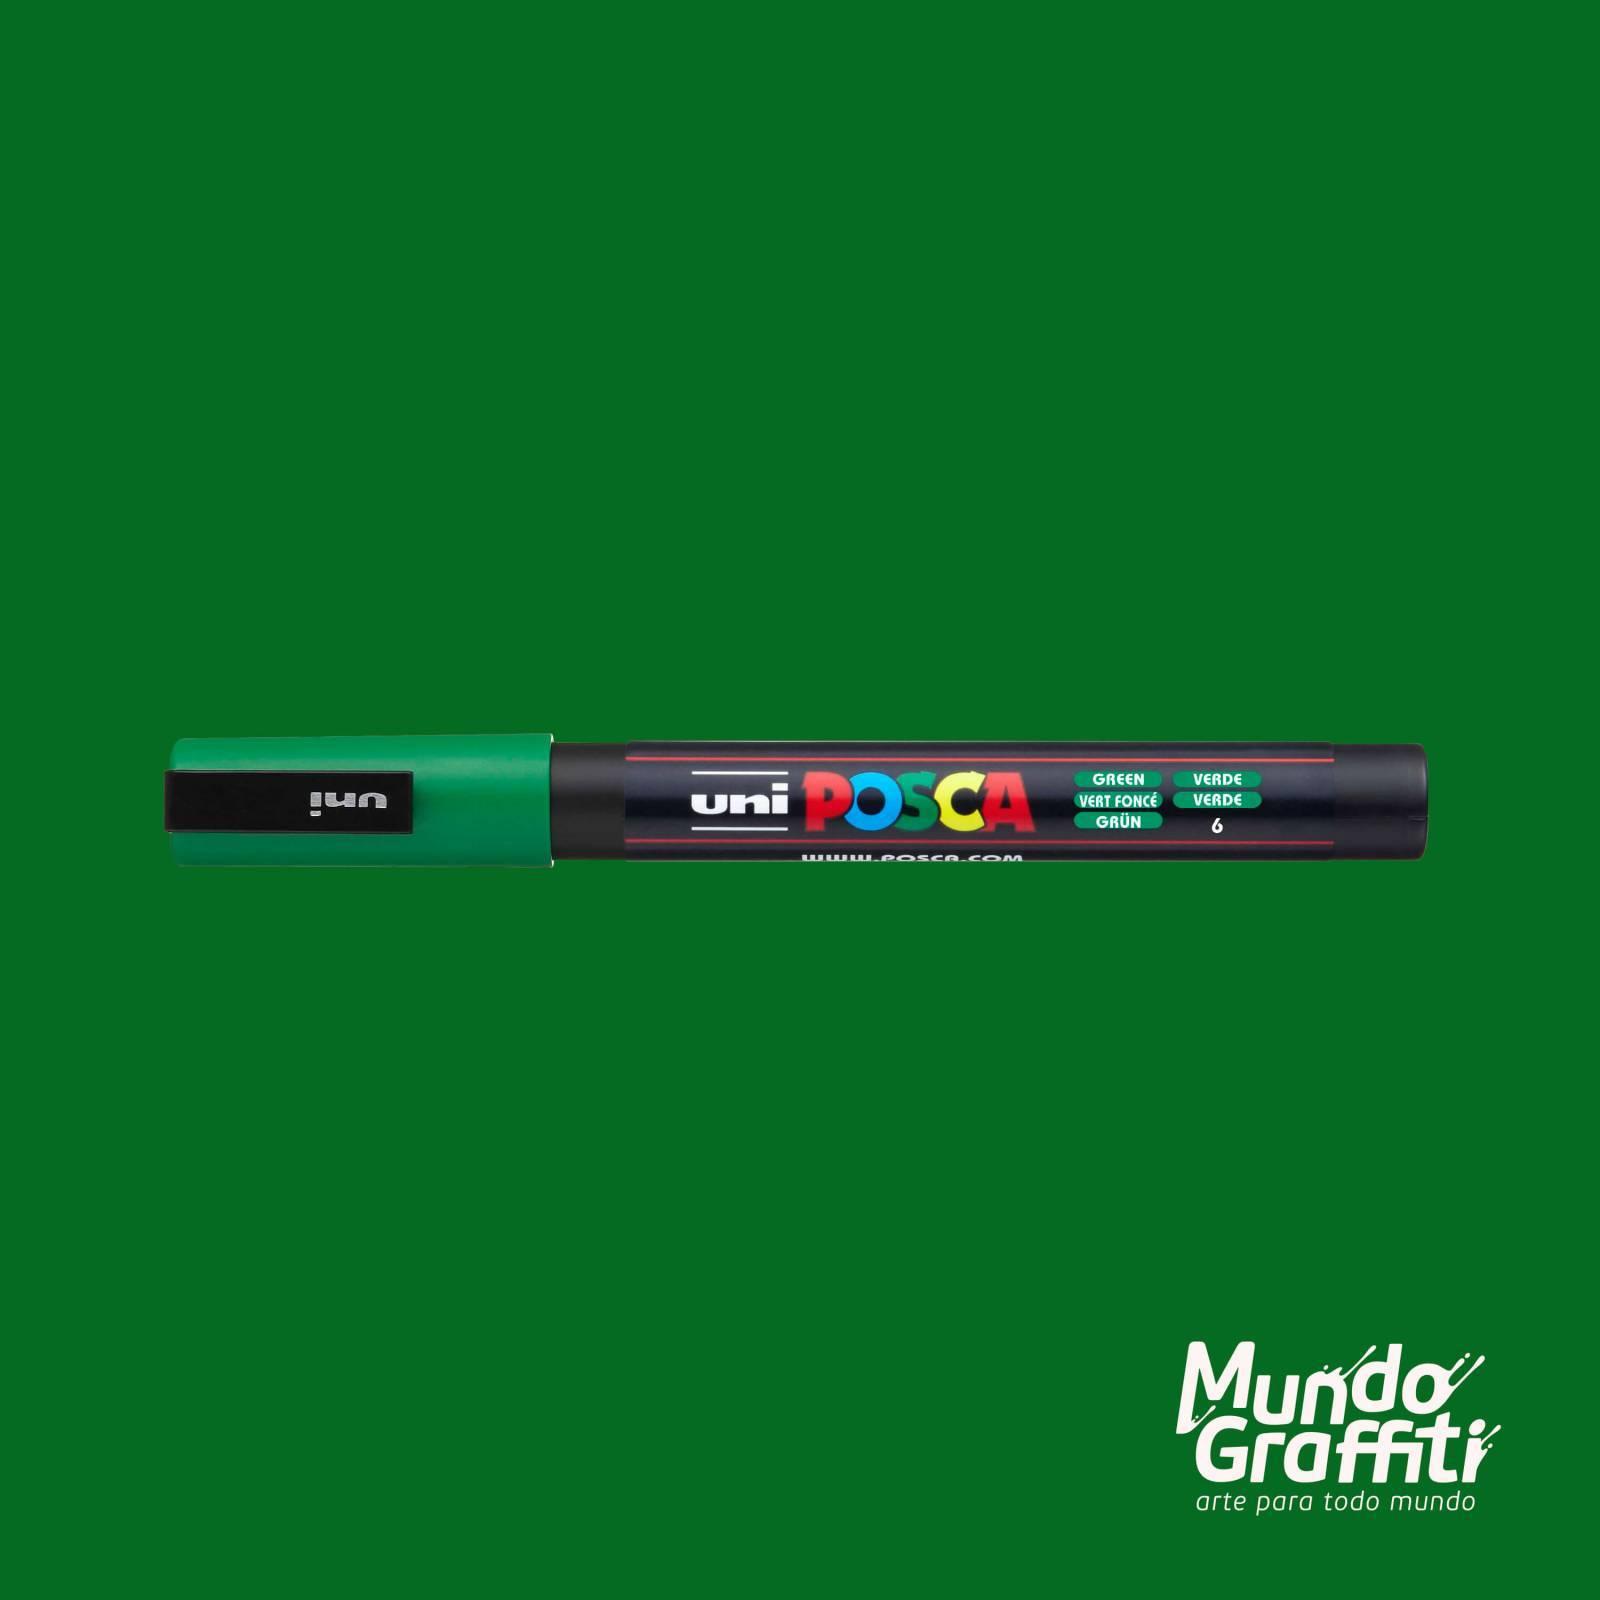 Caneta Posca 3M Verde - Mundo Graffiti